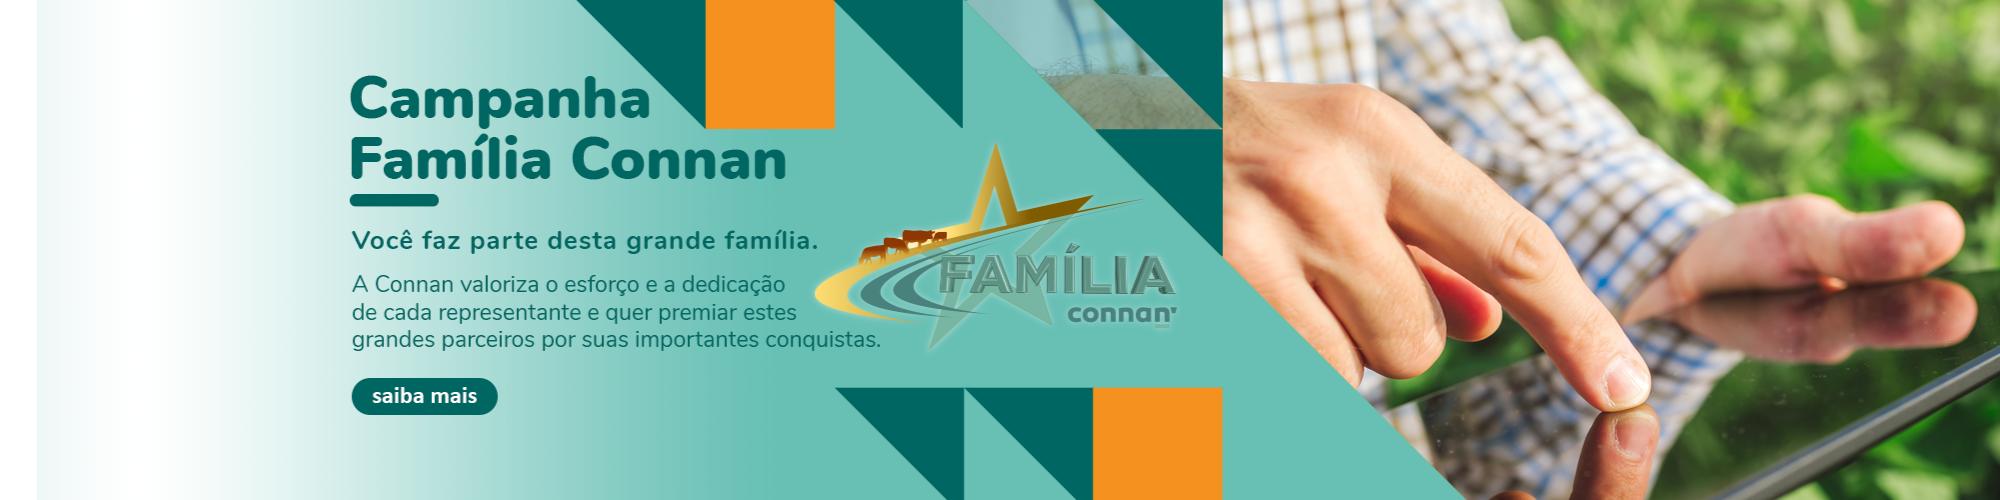 banner-campanha-familia-connan